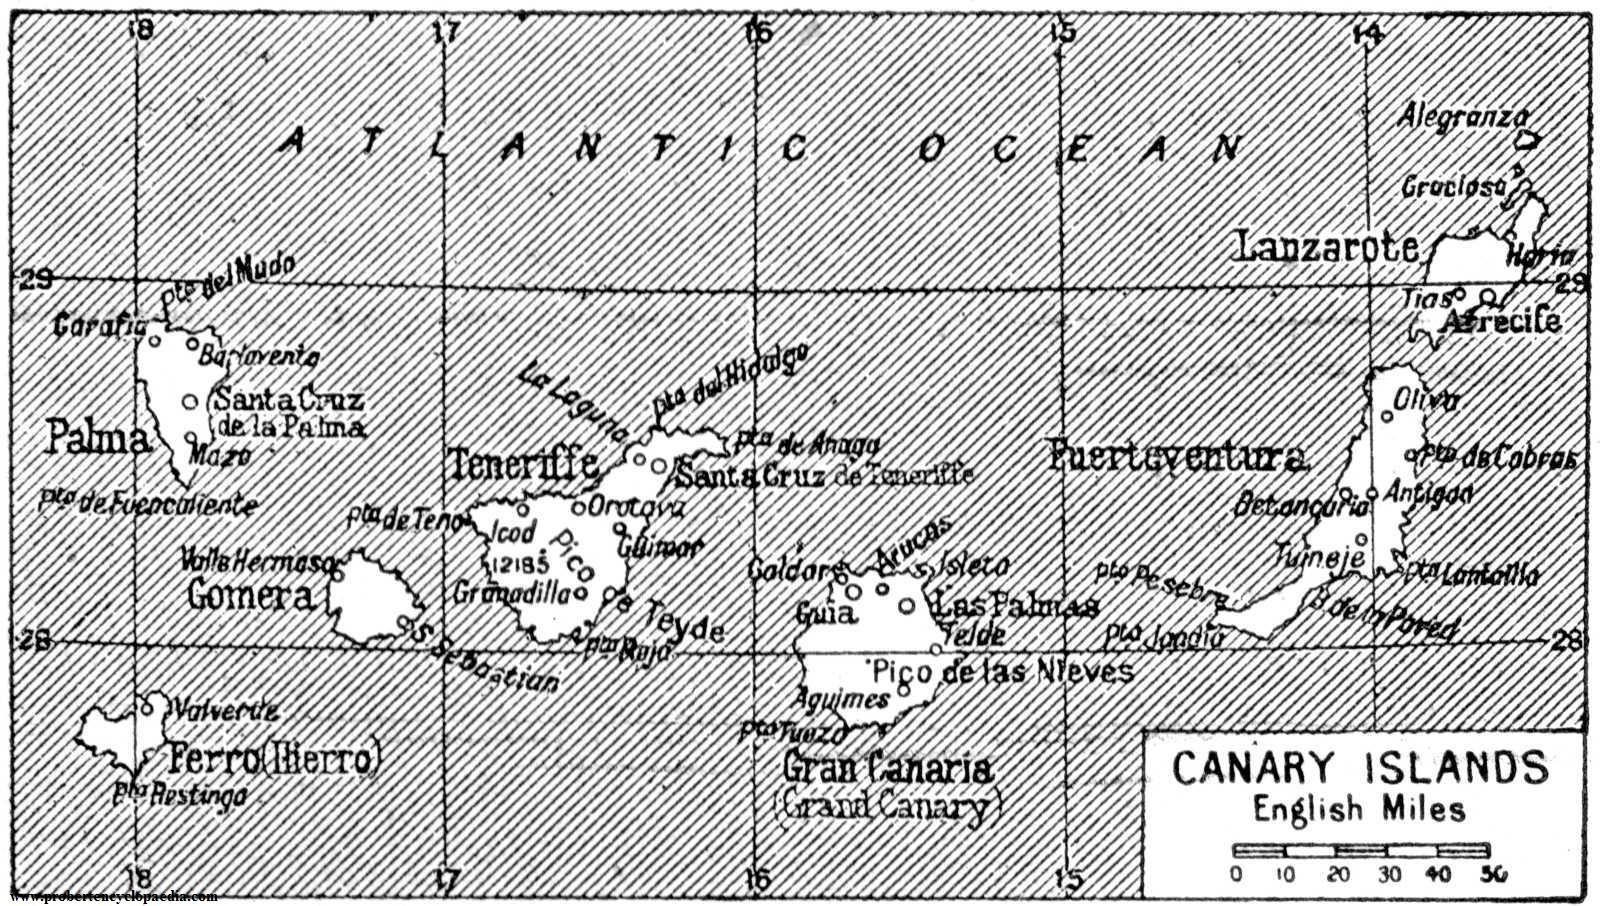 Tamaño Islas Canarias Mapa de Las Islas Canarias